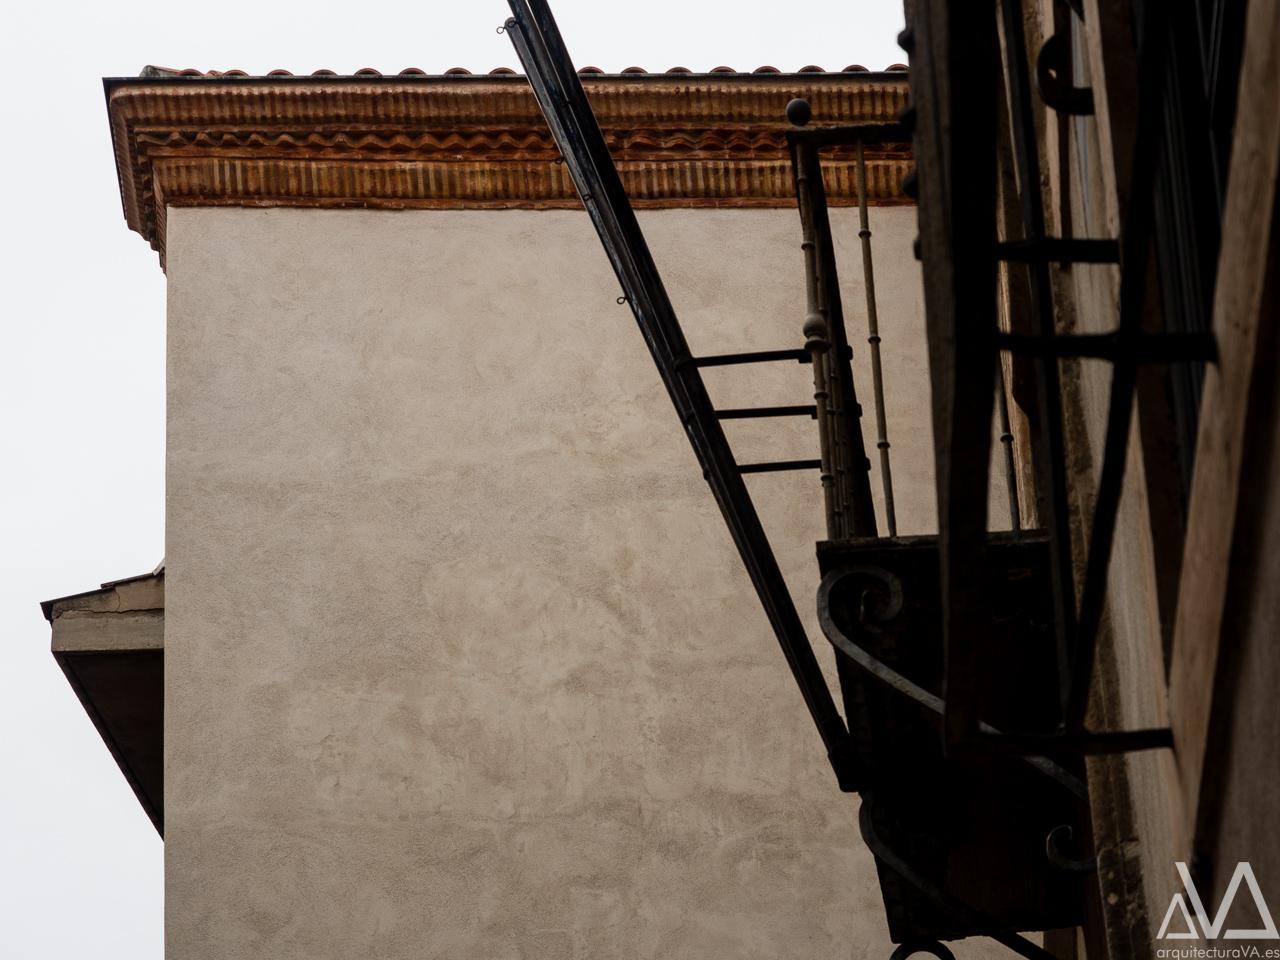 esto no es una medianera © pedro ivan ramos martin | luz10.com